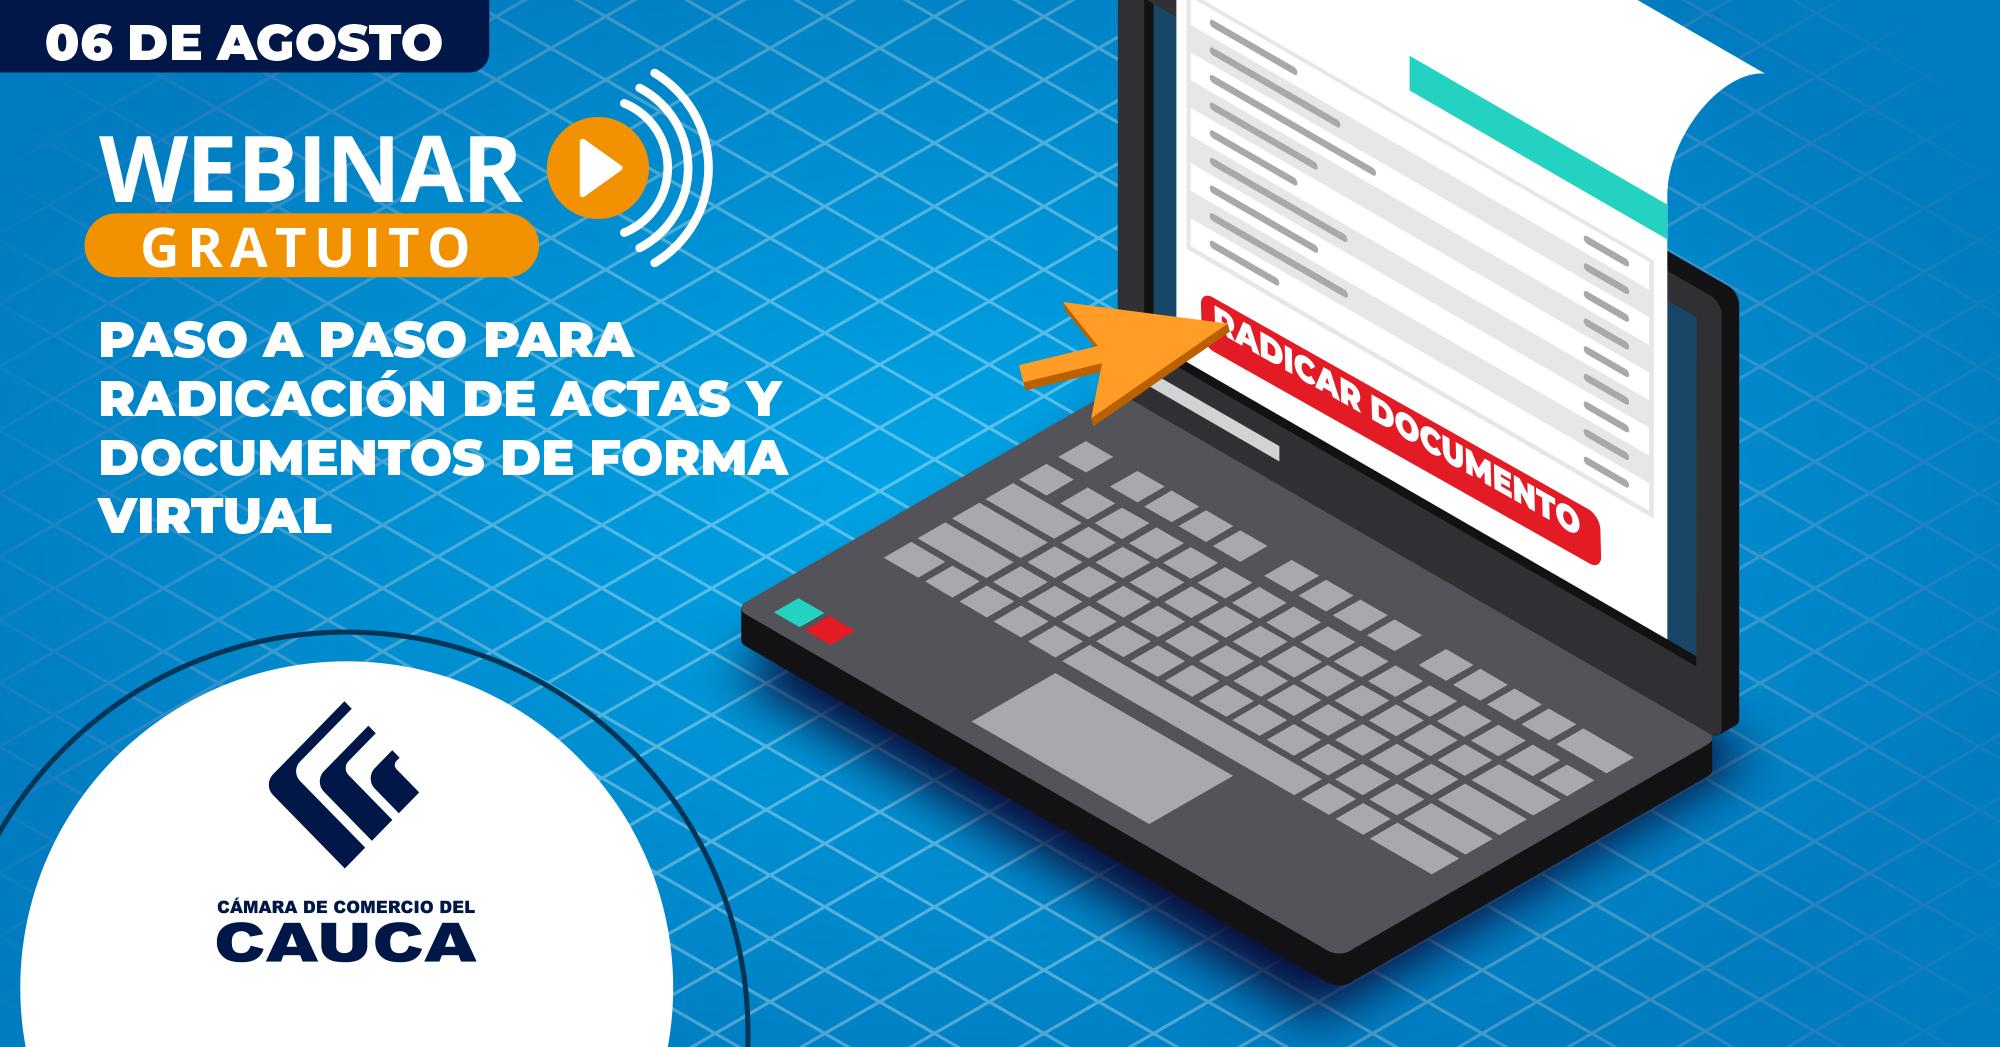 Webinar - Paso a Paso para radicación actas y documentos de forma virtual